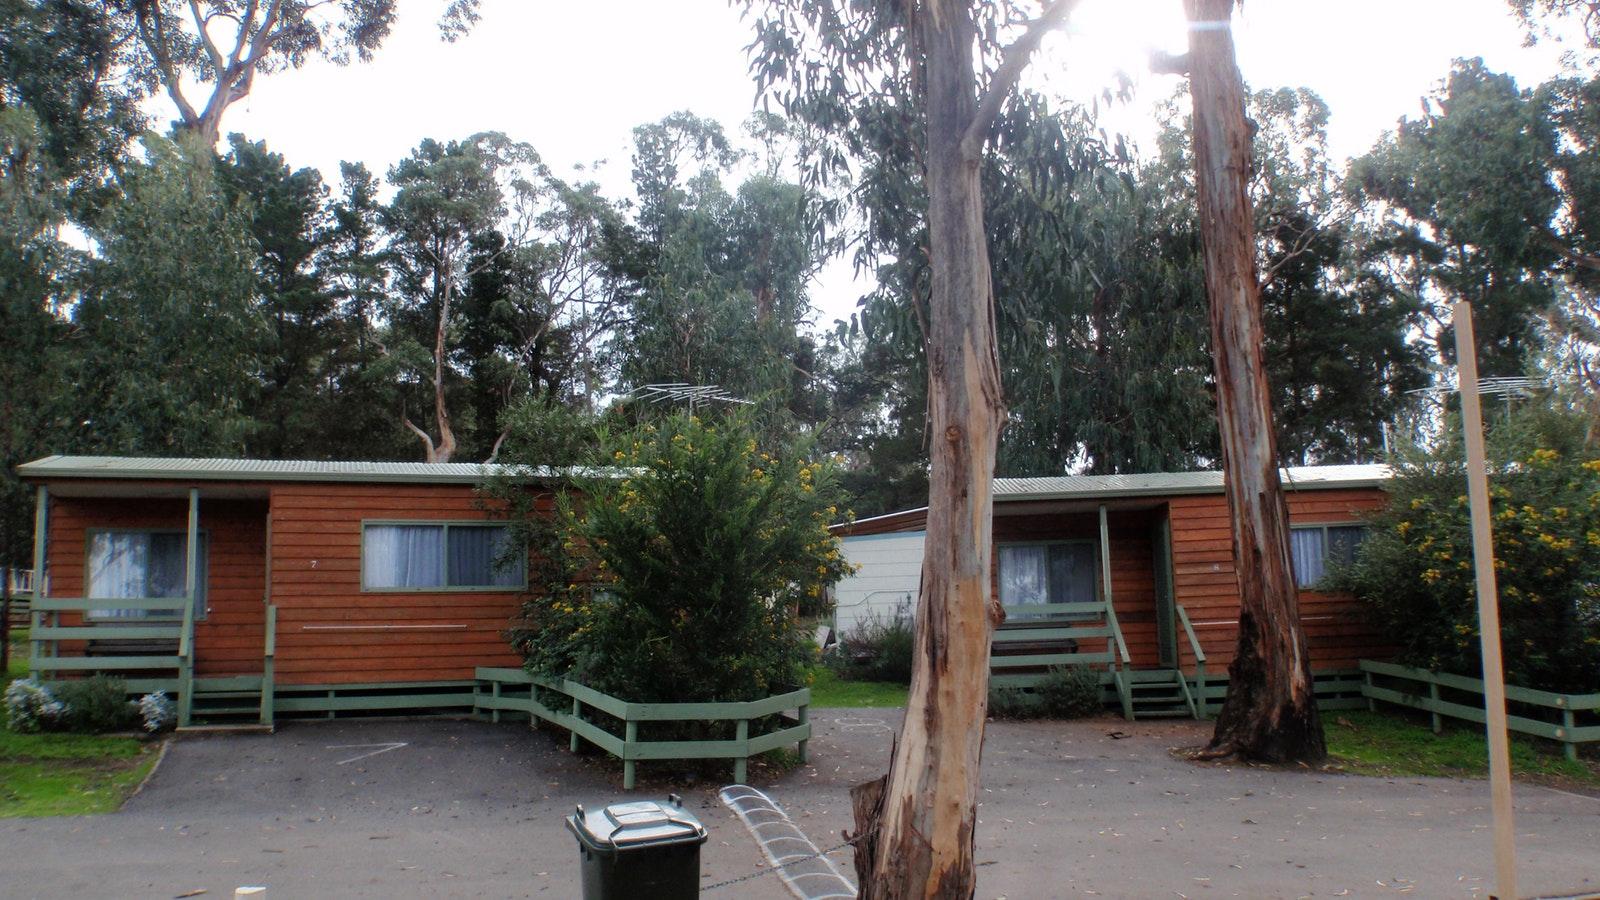 Six berth family ensuite cabin